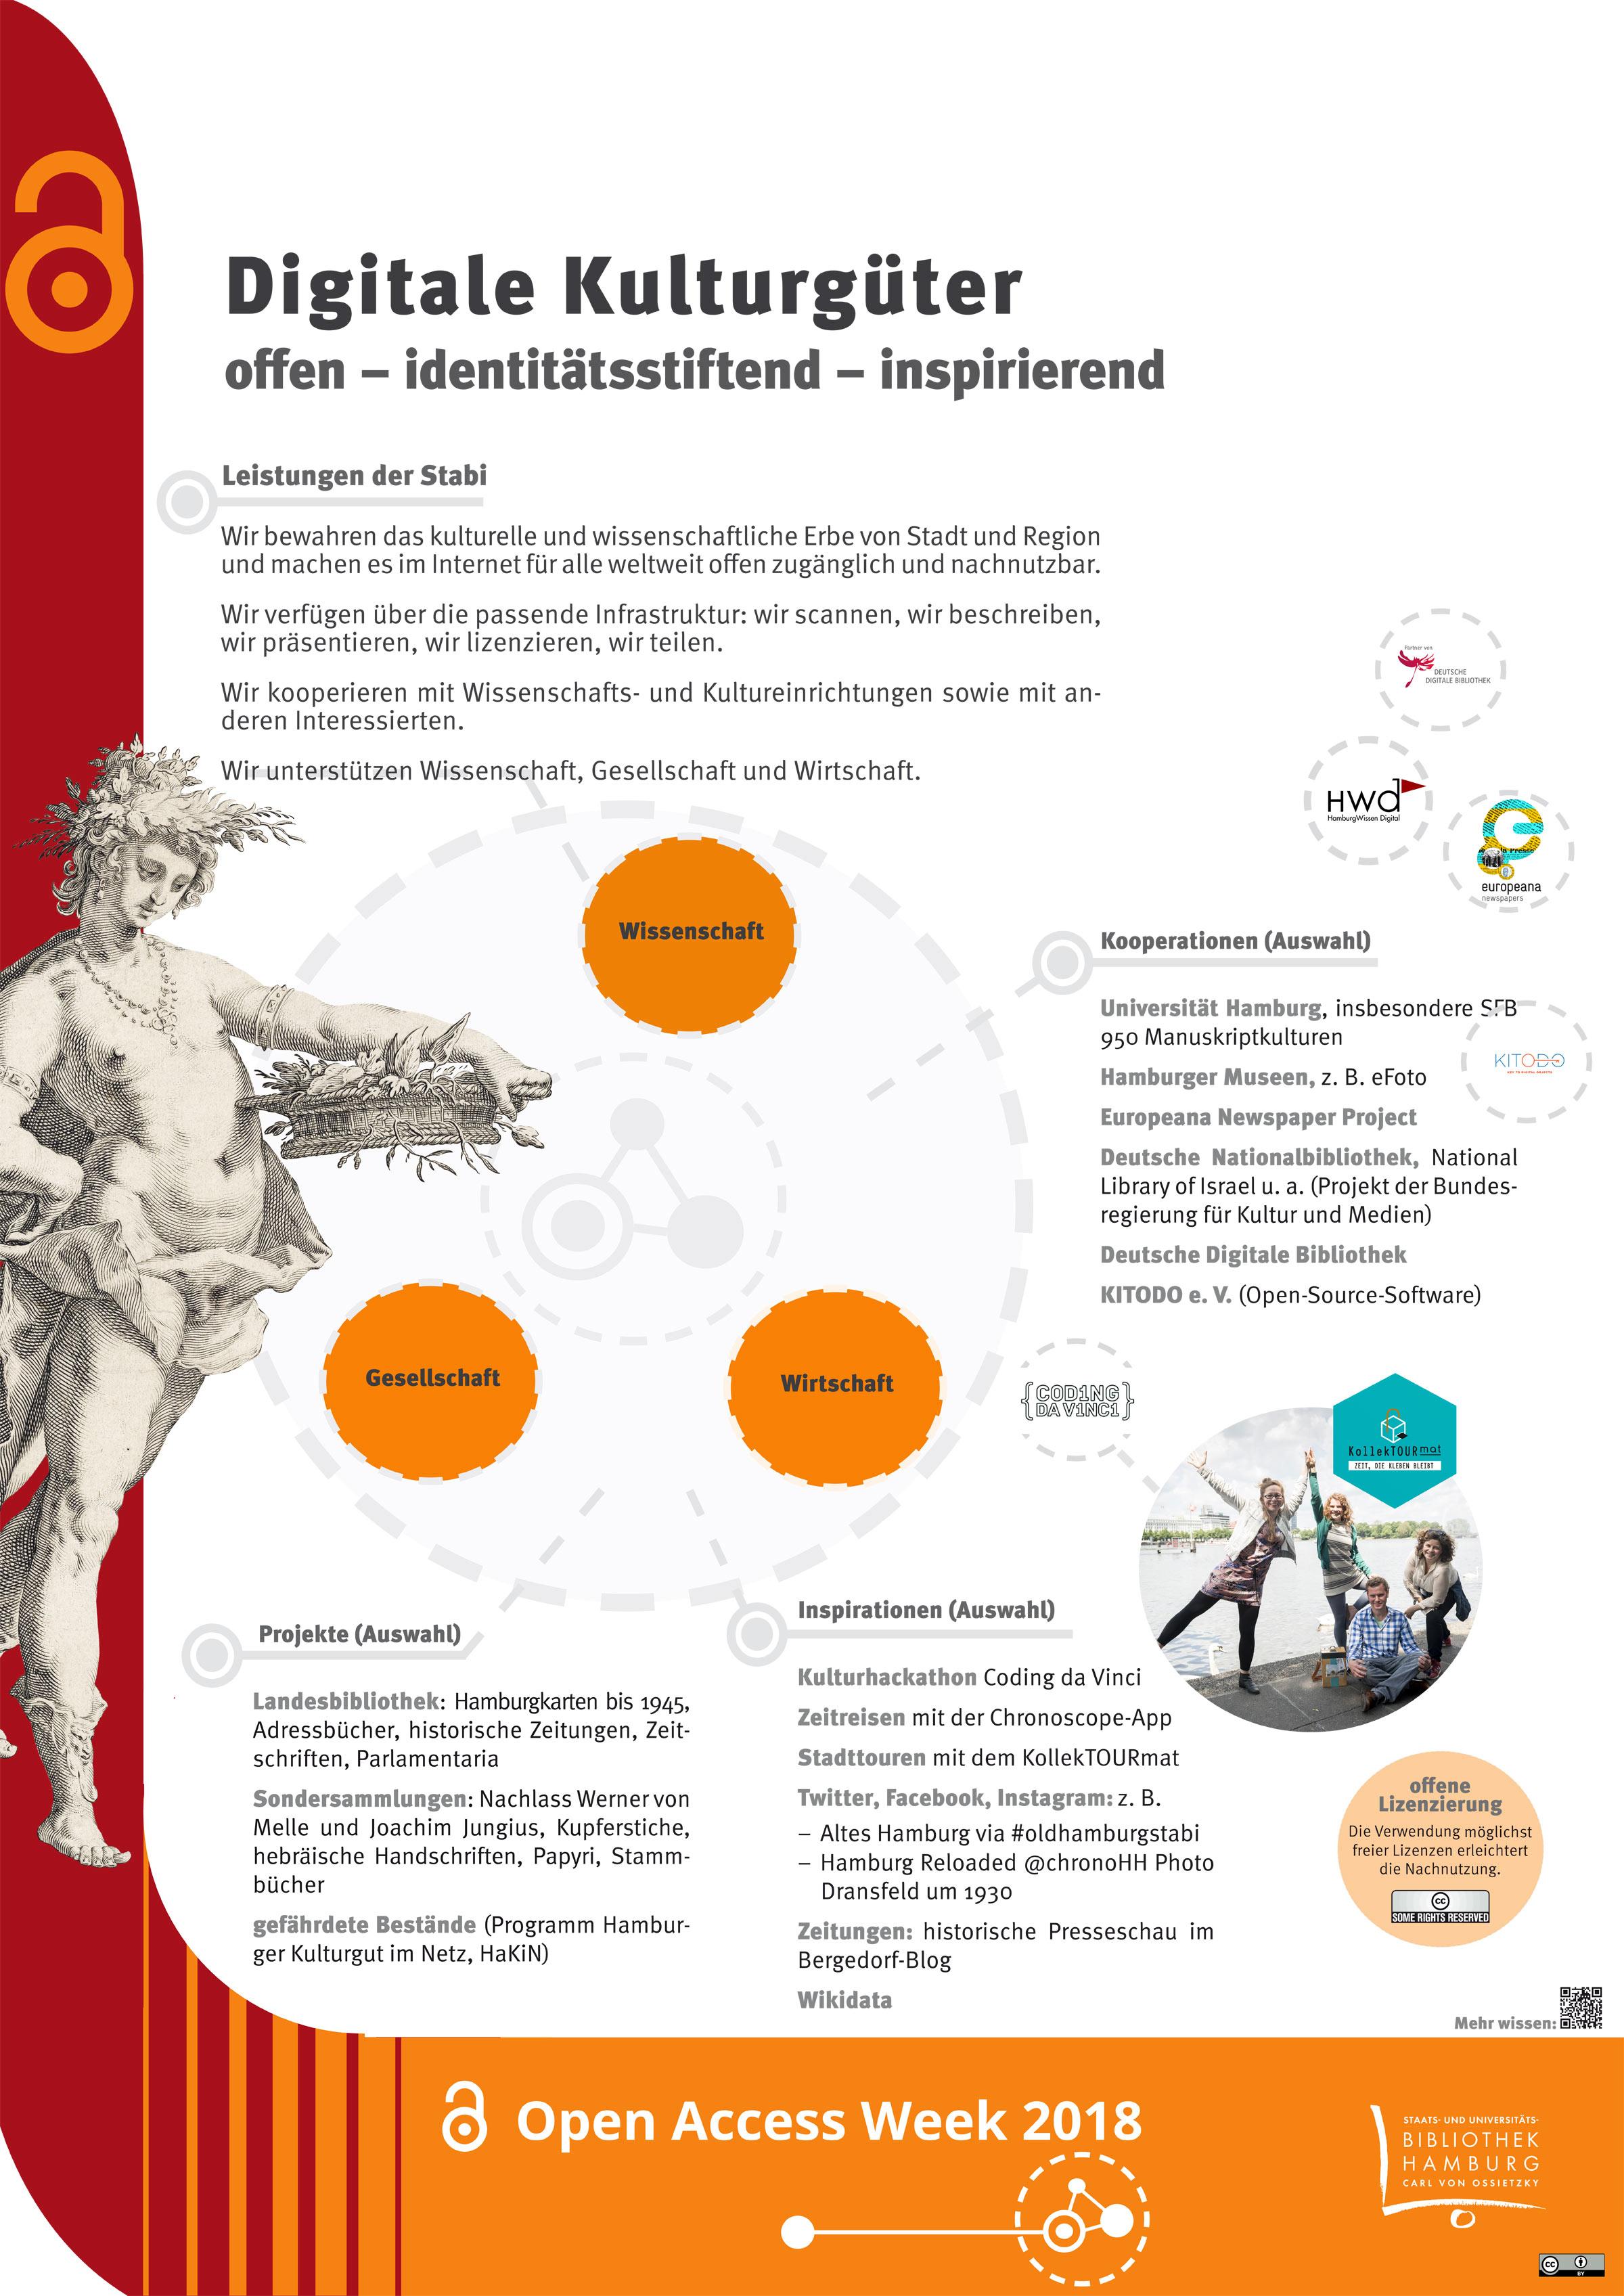 Digitale Kulturgüter im Open Access Forschungsrohstoff für ...